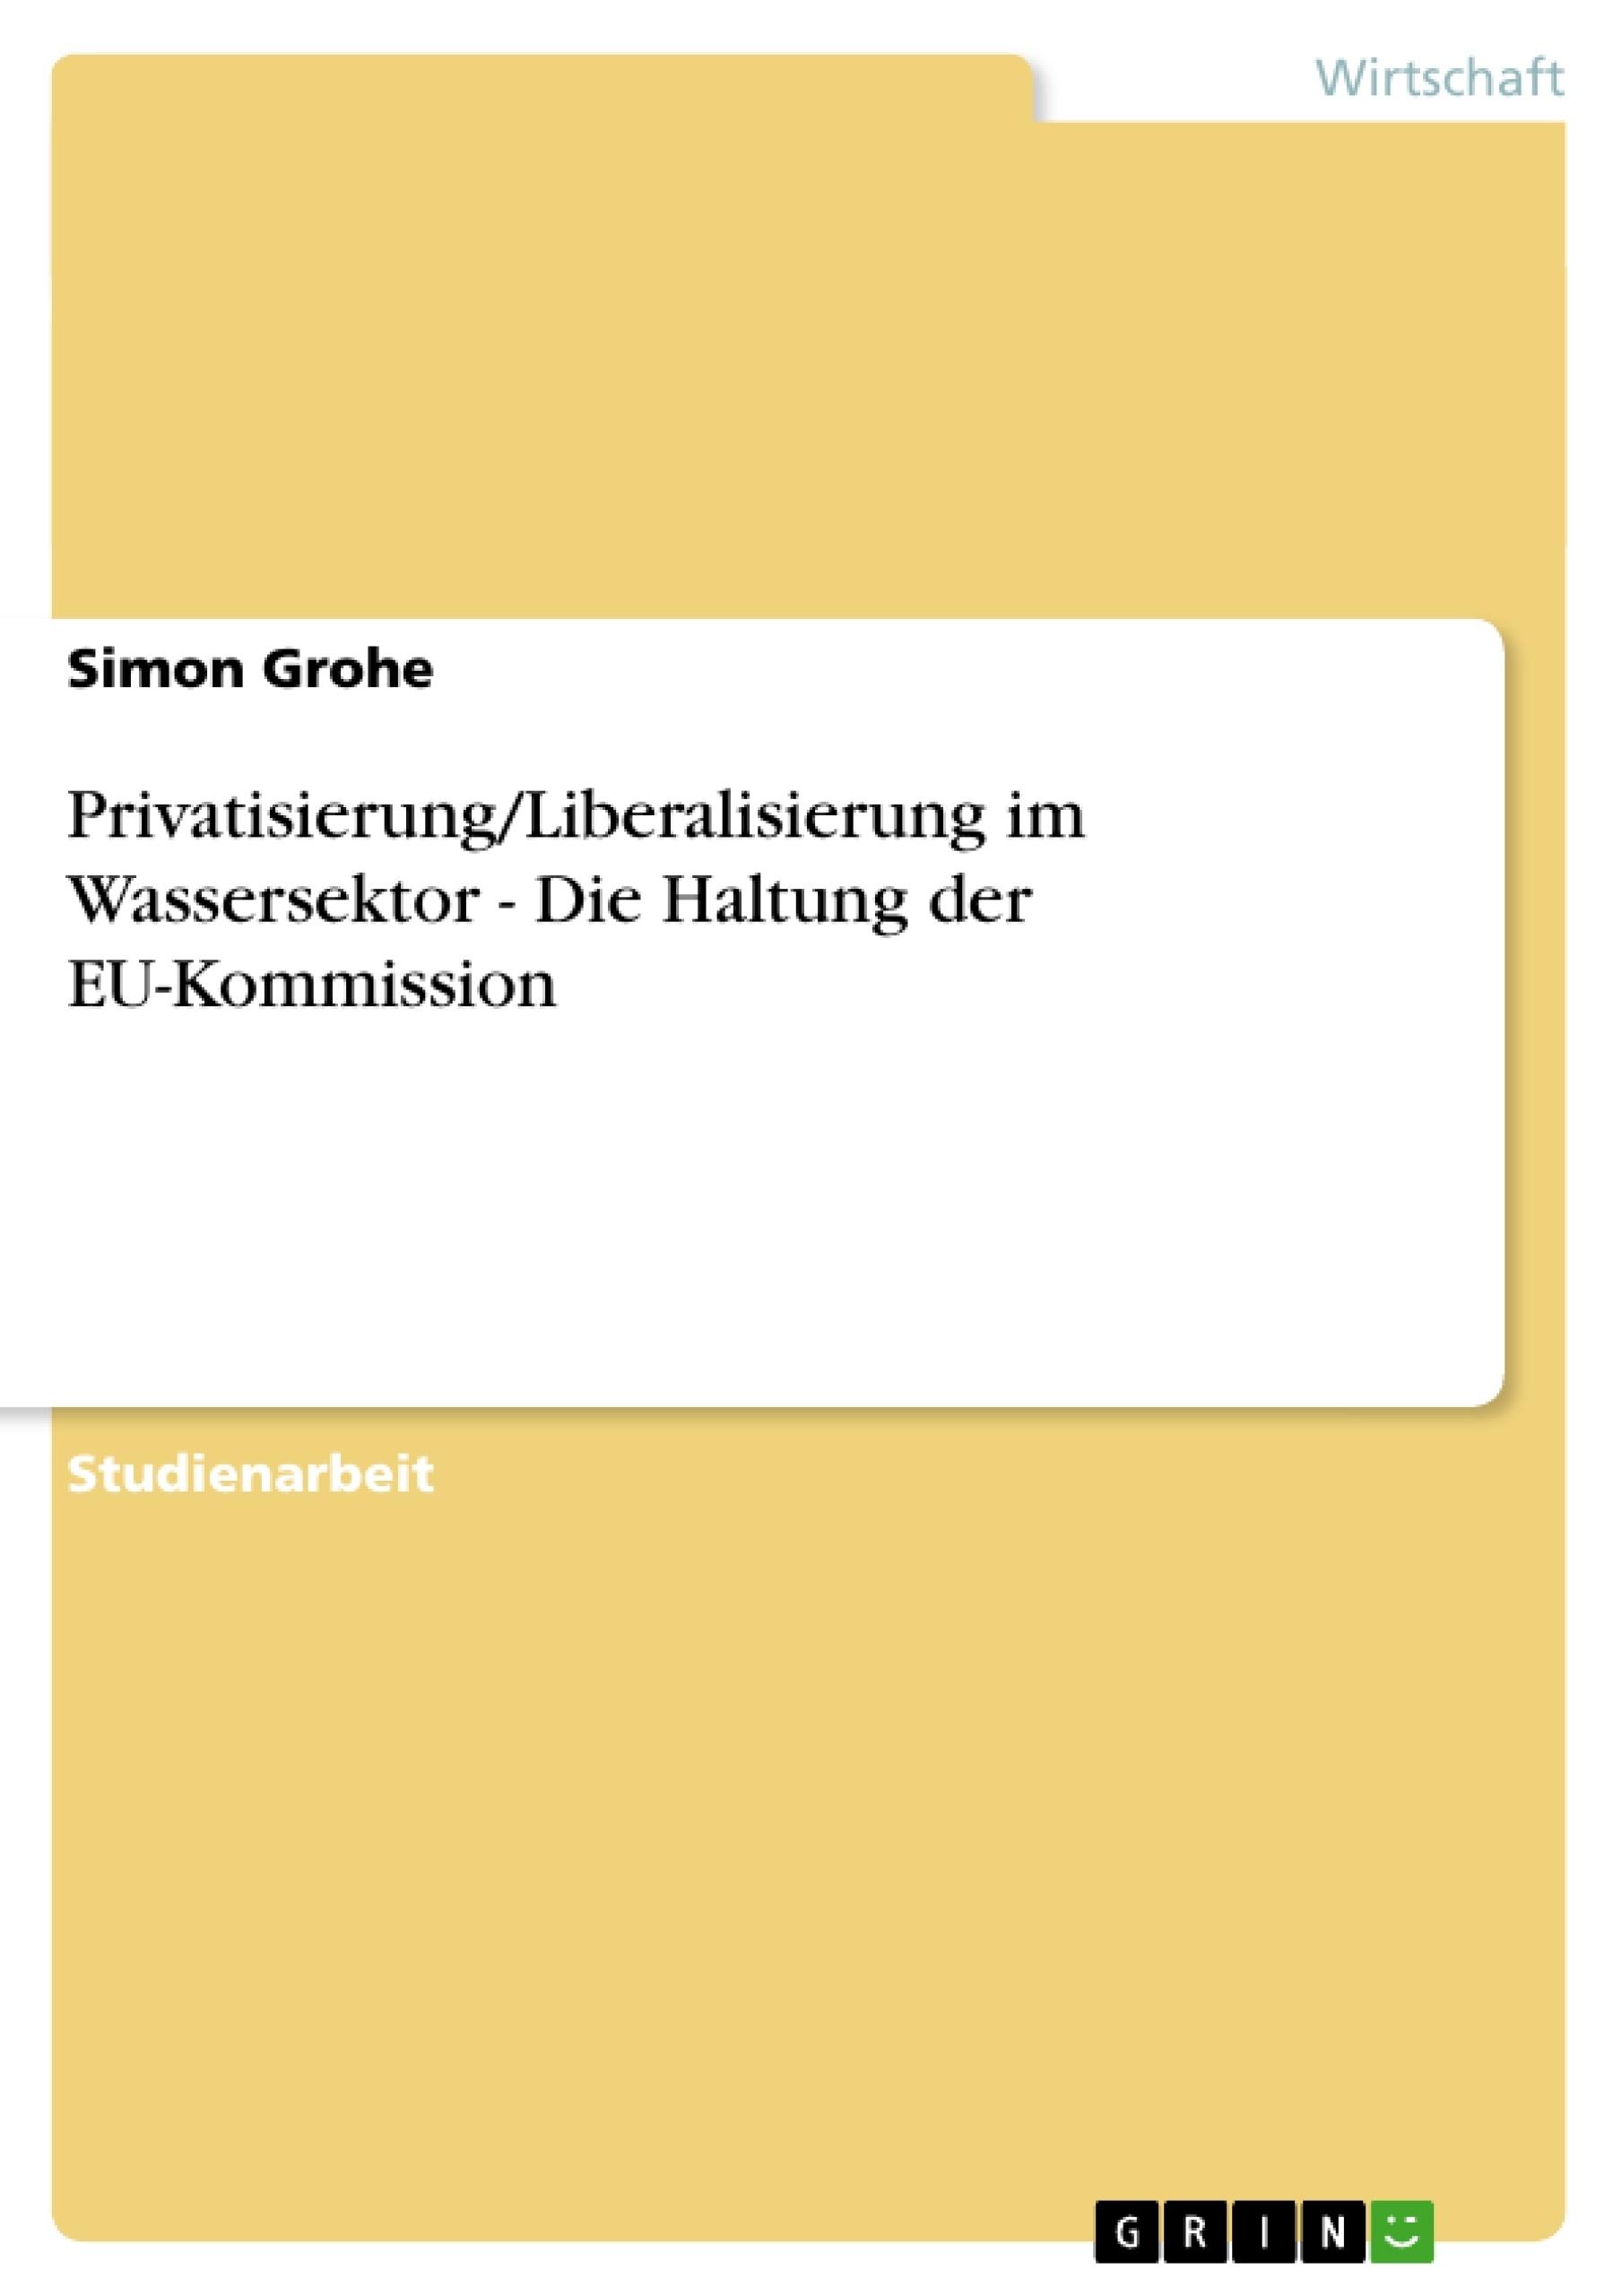 Titel: Privatisierung/Liberalisierung im Wassersektor - Die Haltung der EU-Kommission